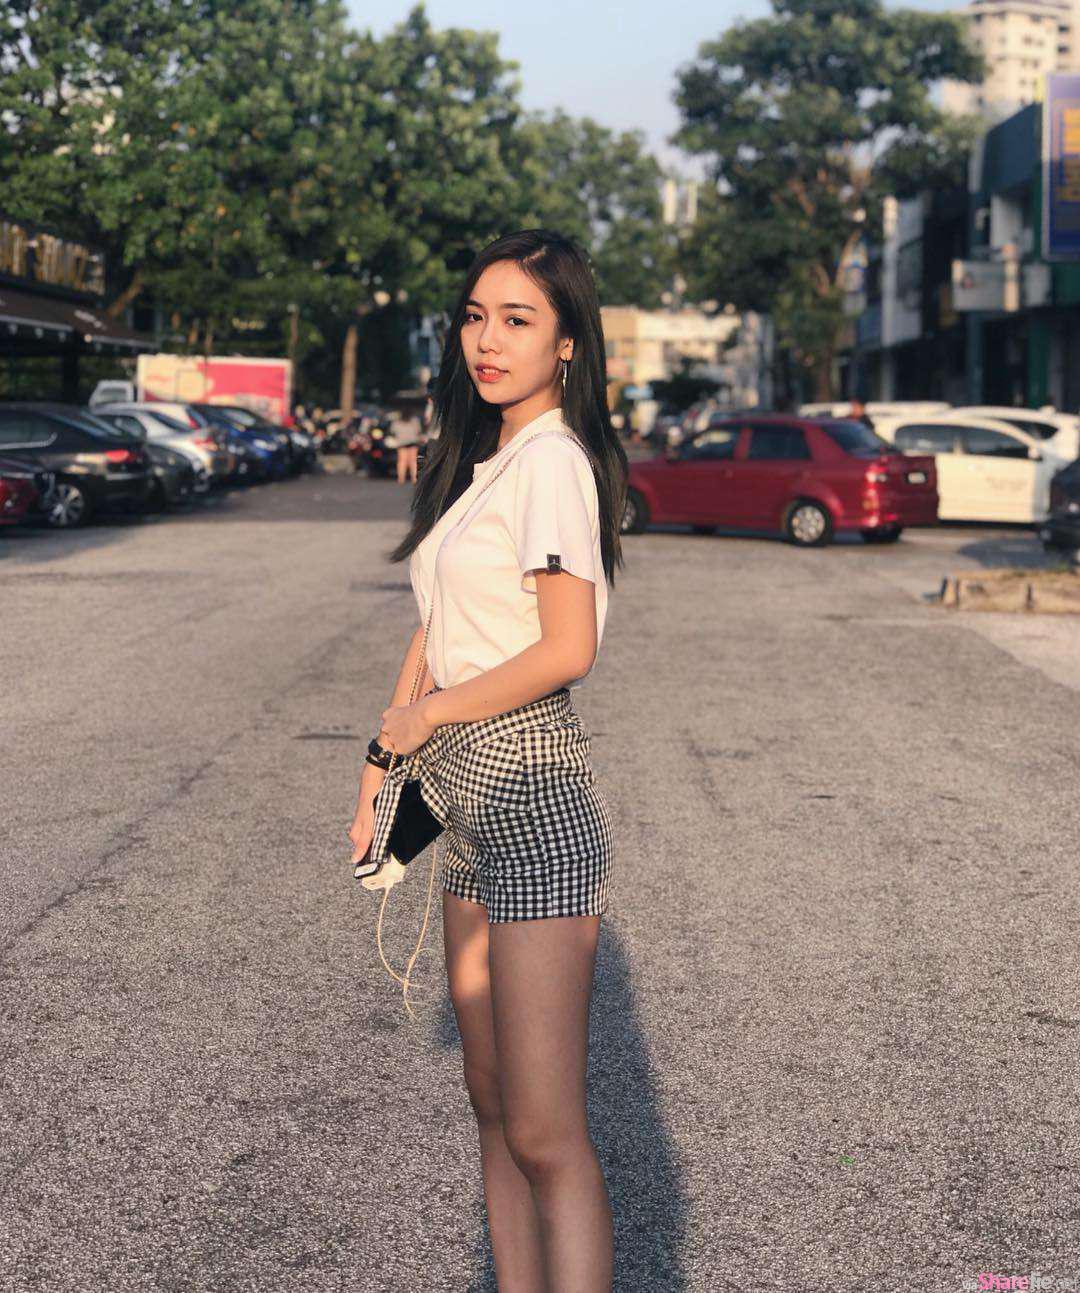 大马正妹Serene Cheng,内衣写真超级性感